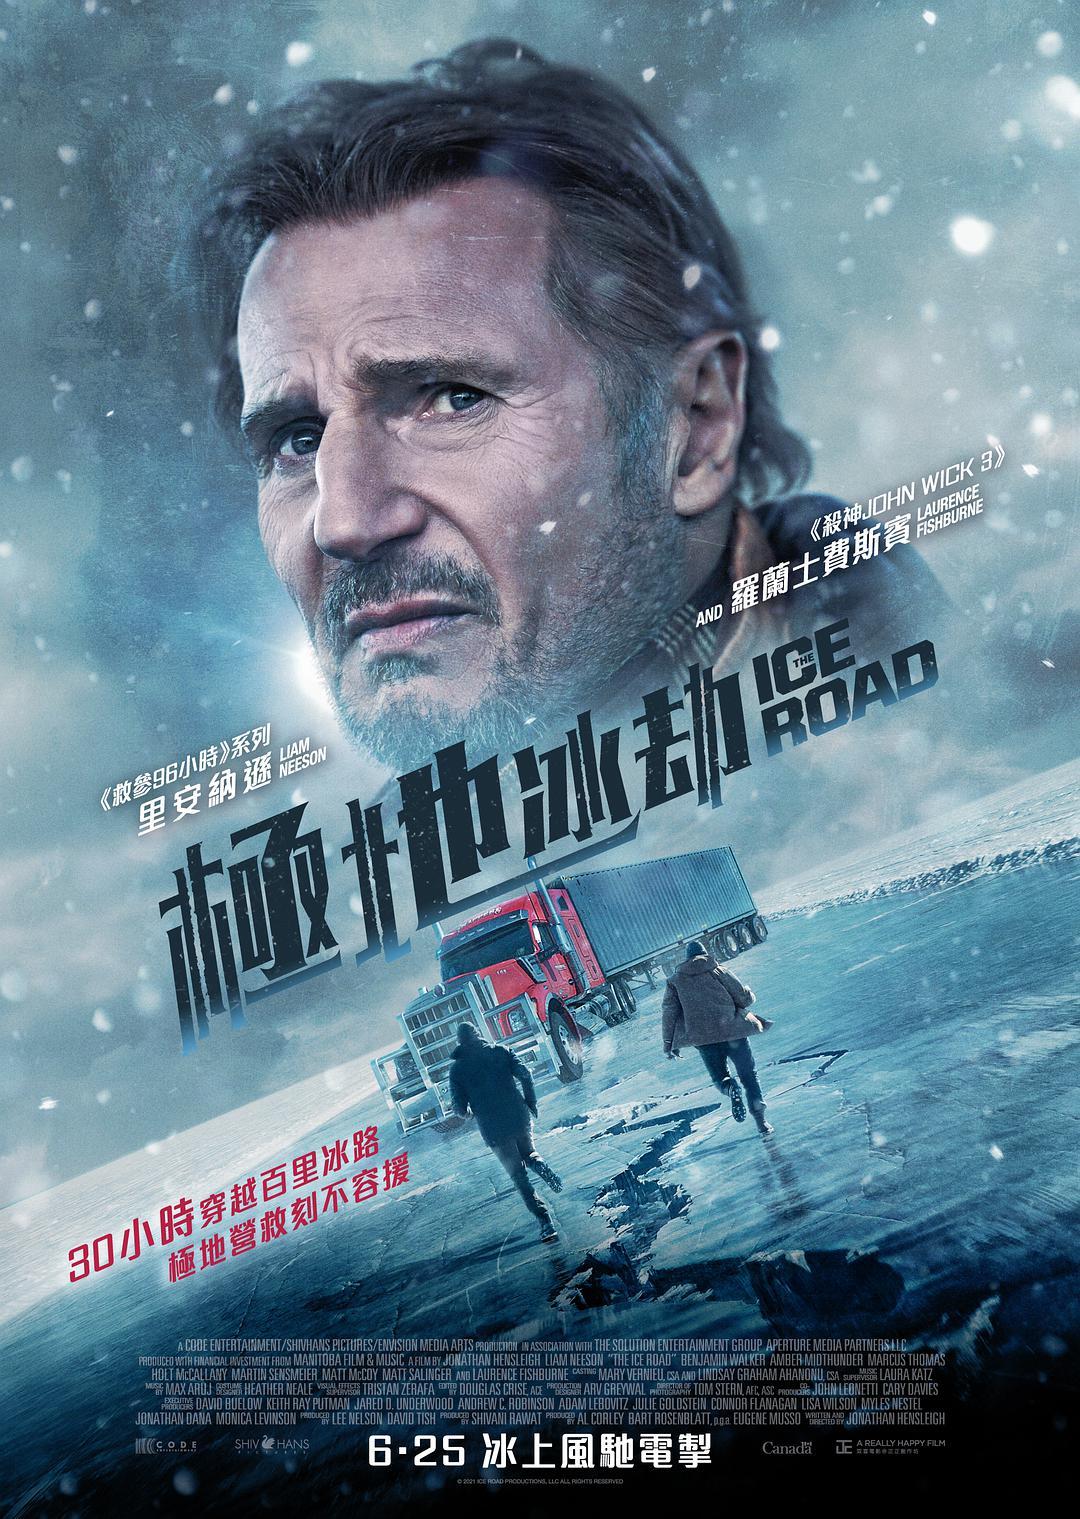 冰路营救电影